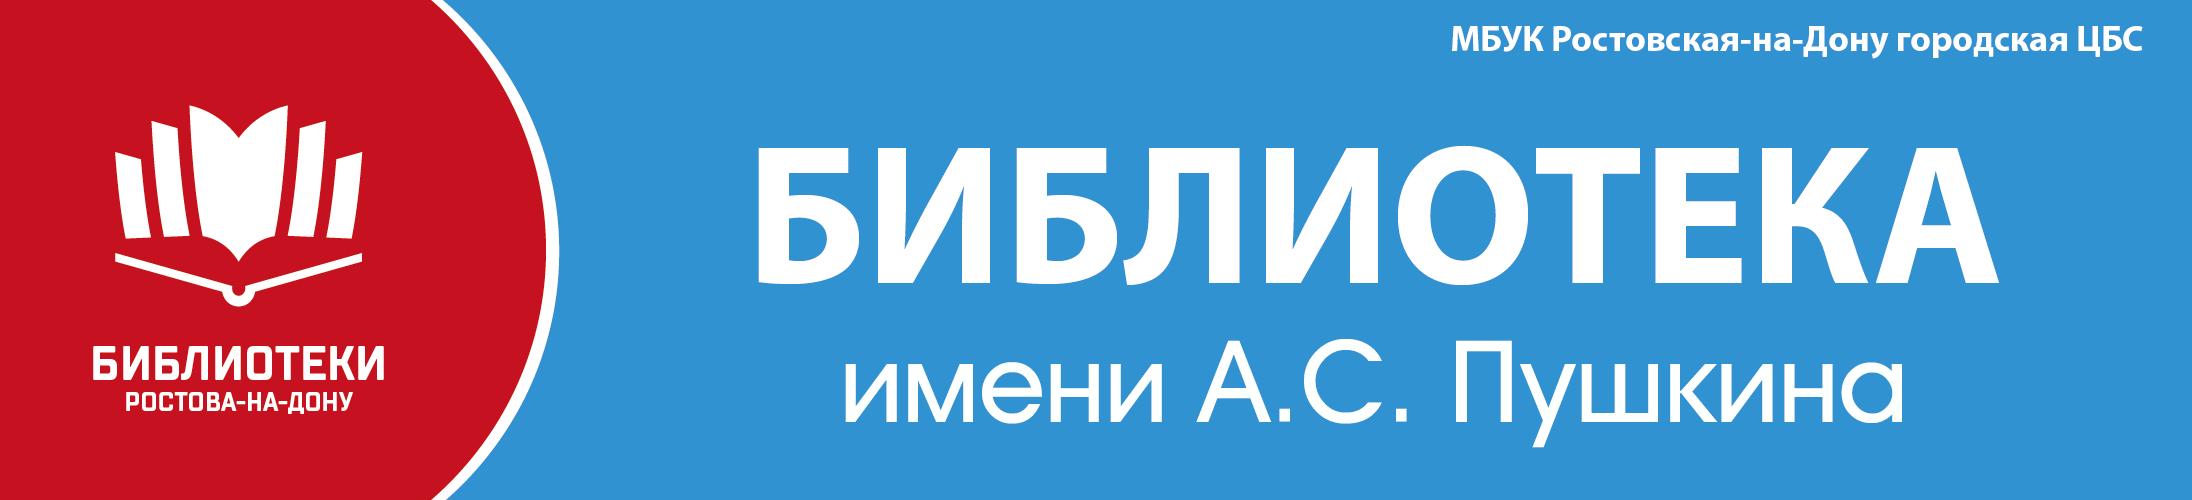 БИБЛИОТЕКА ИМЕНИ А. С. ПУШКИНА